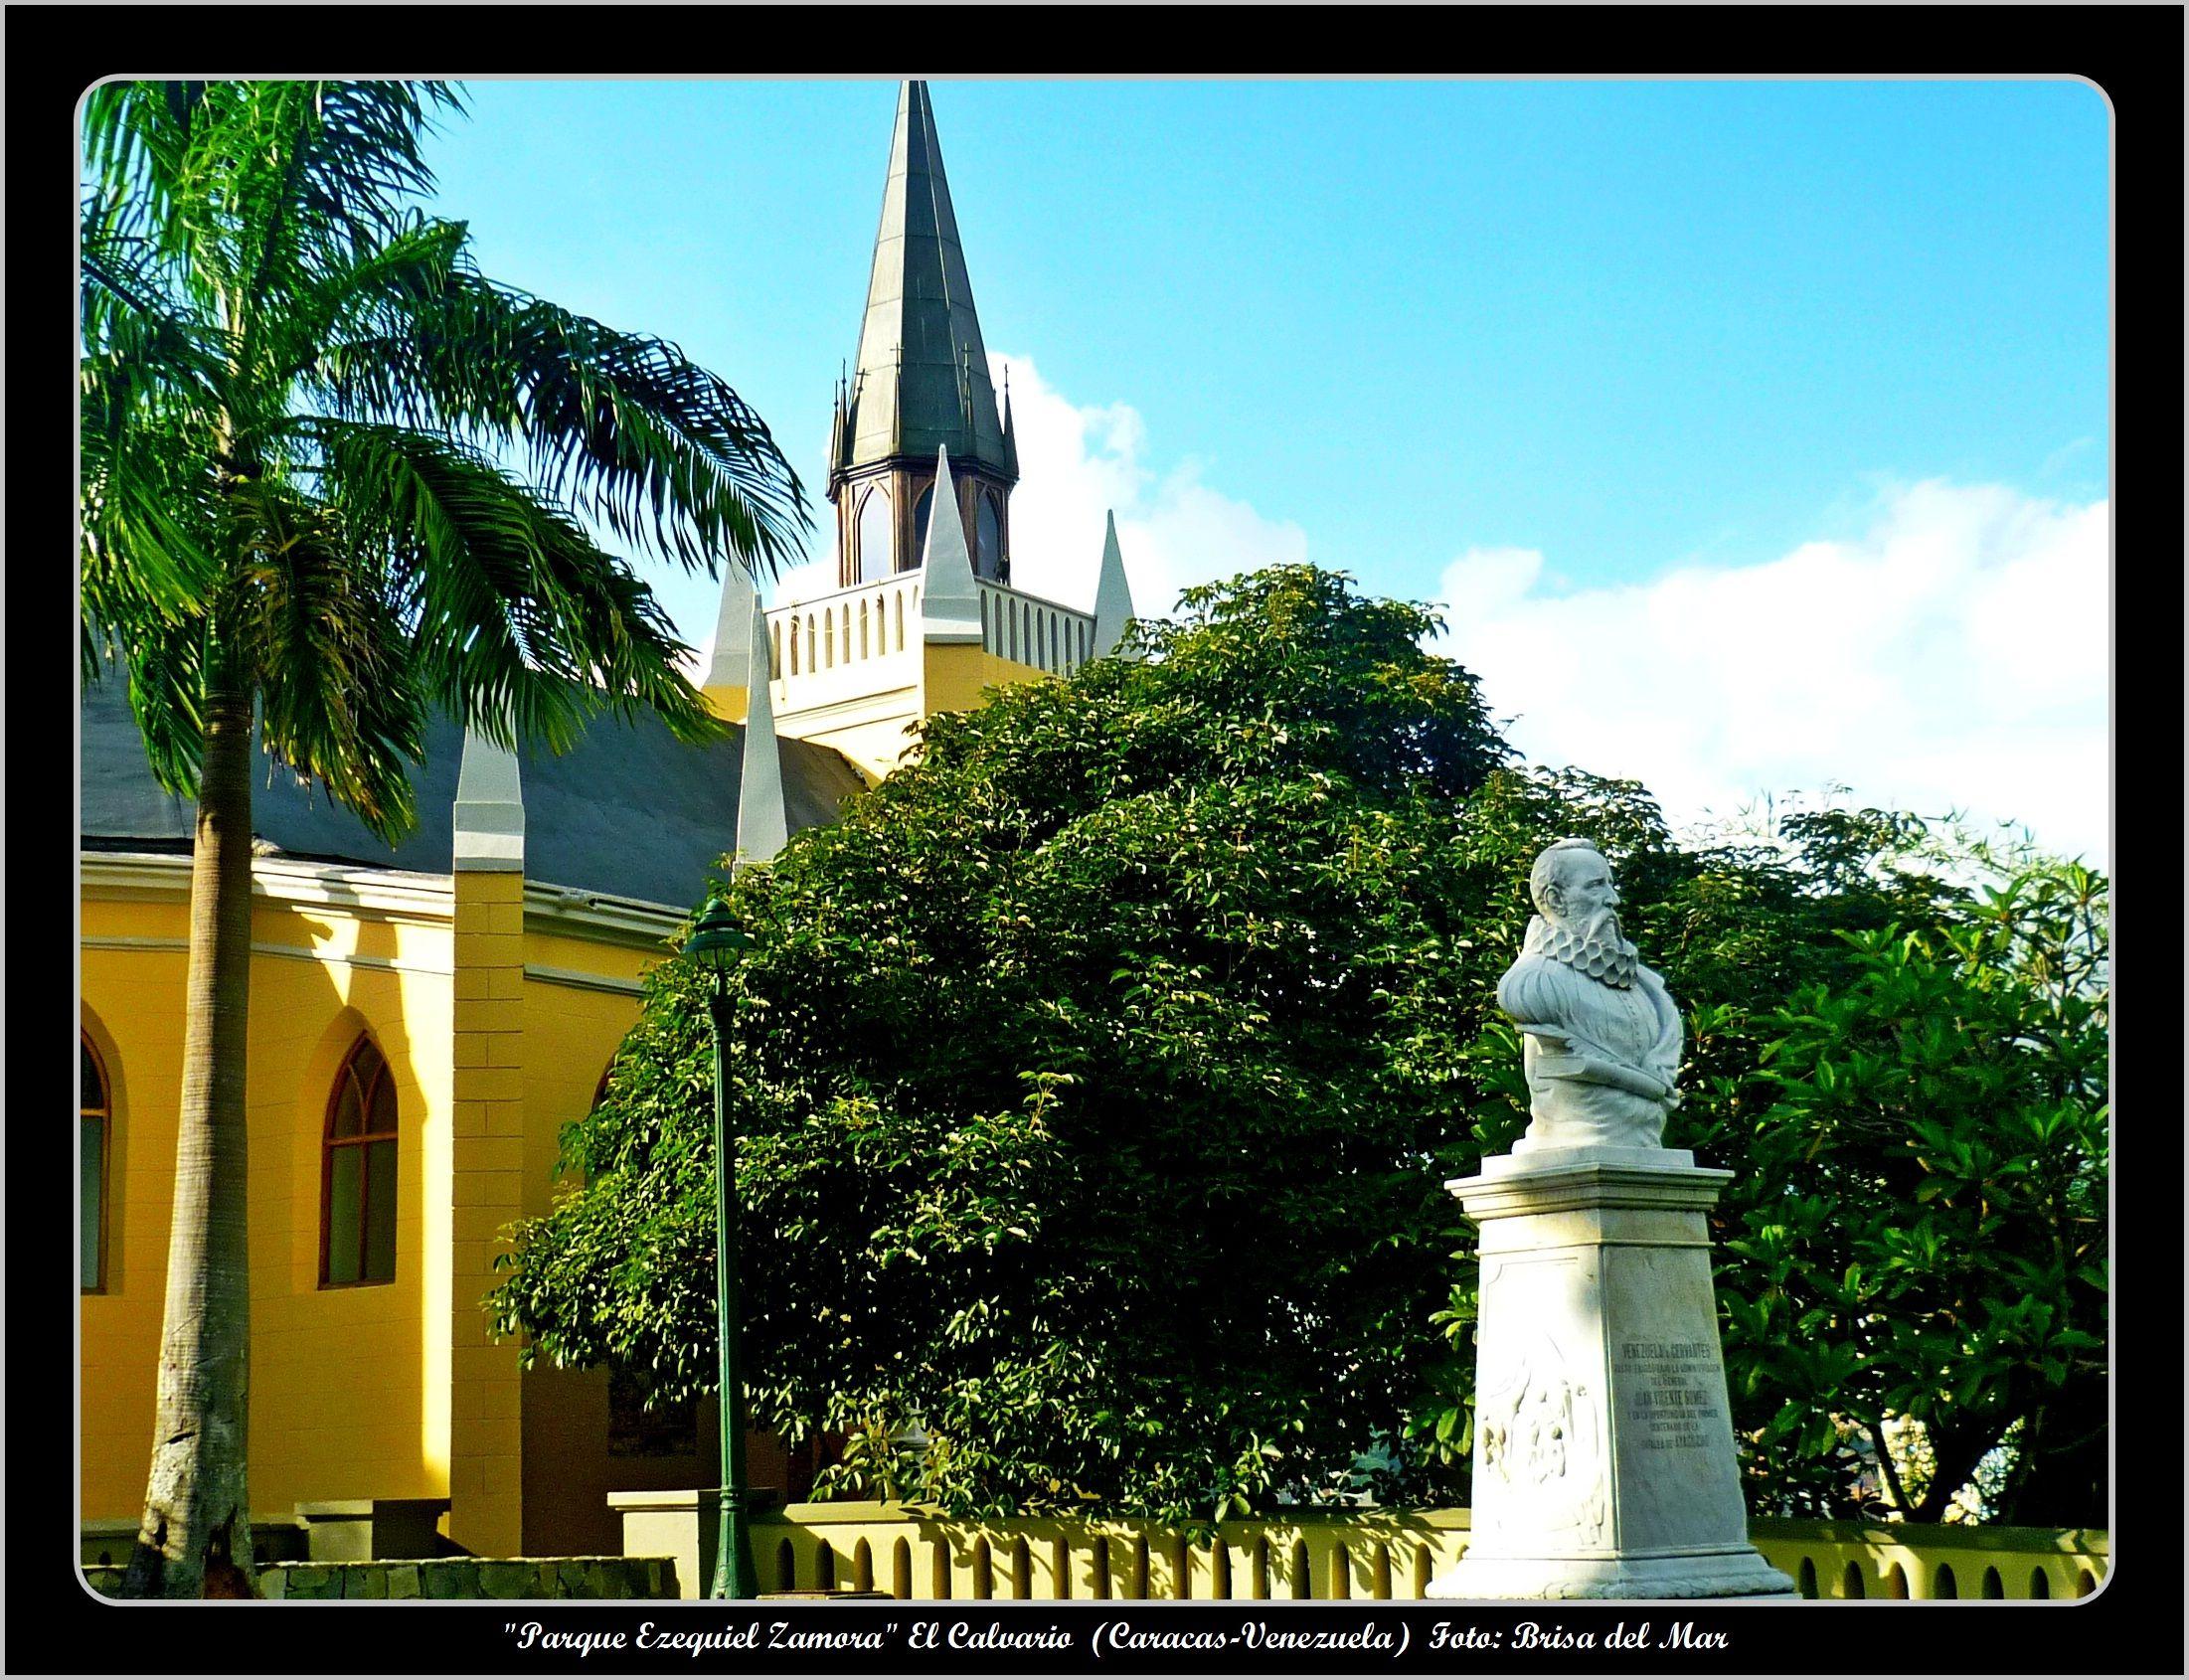 Capilla De Nuestra Señora De Lourdes Y Busto De Miguel De Cervantes Parque Ezequiel Zamora El Calvario Caracas Vene Caracas Largest Countries South America